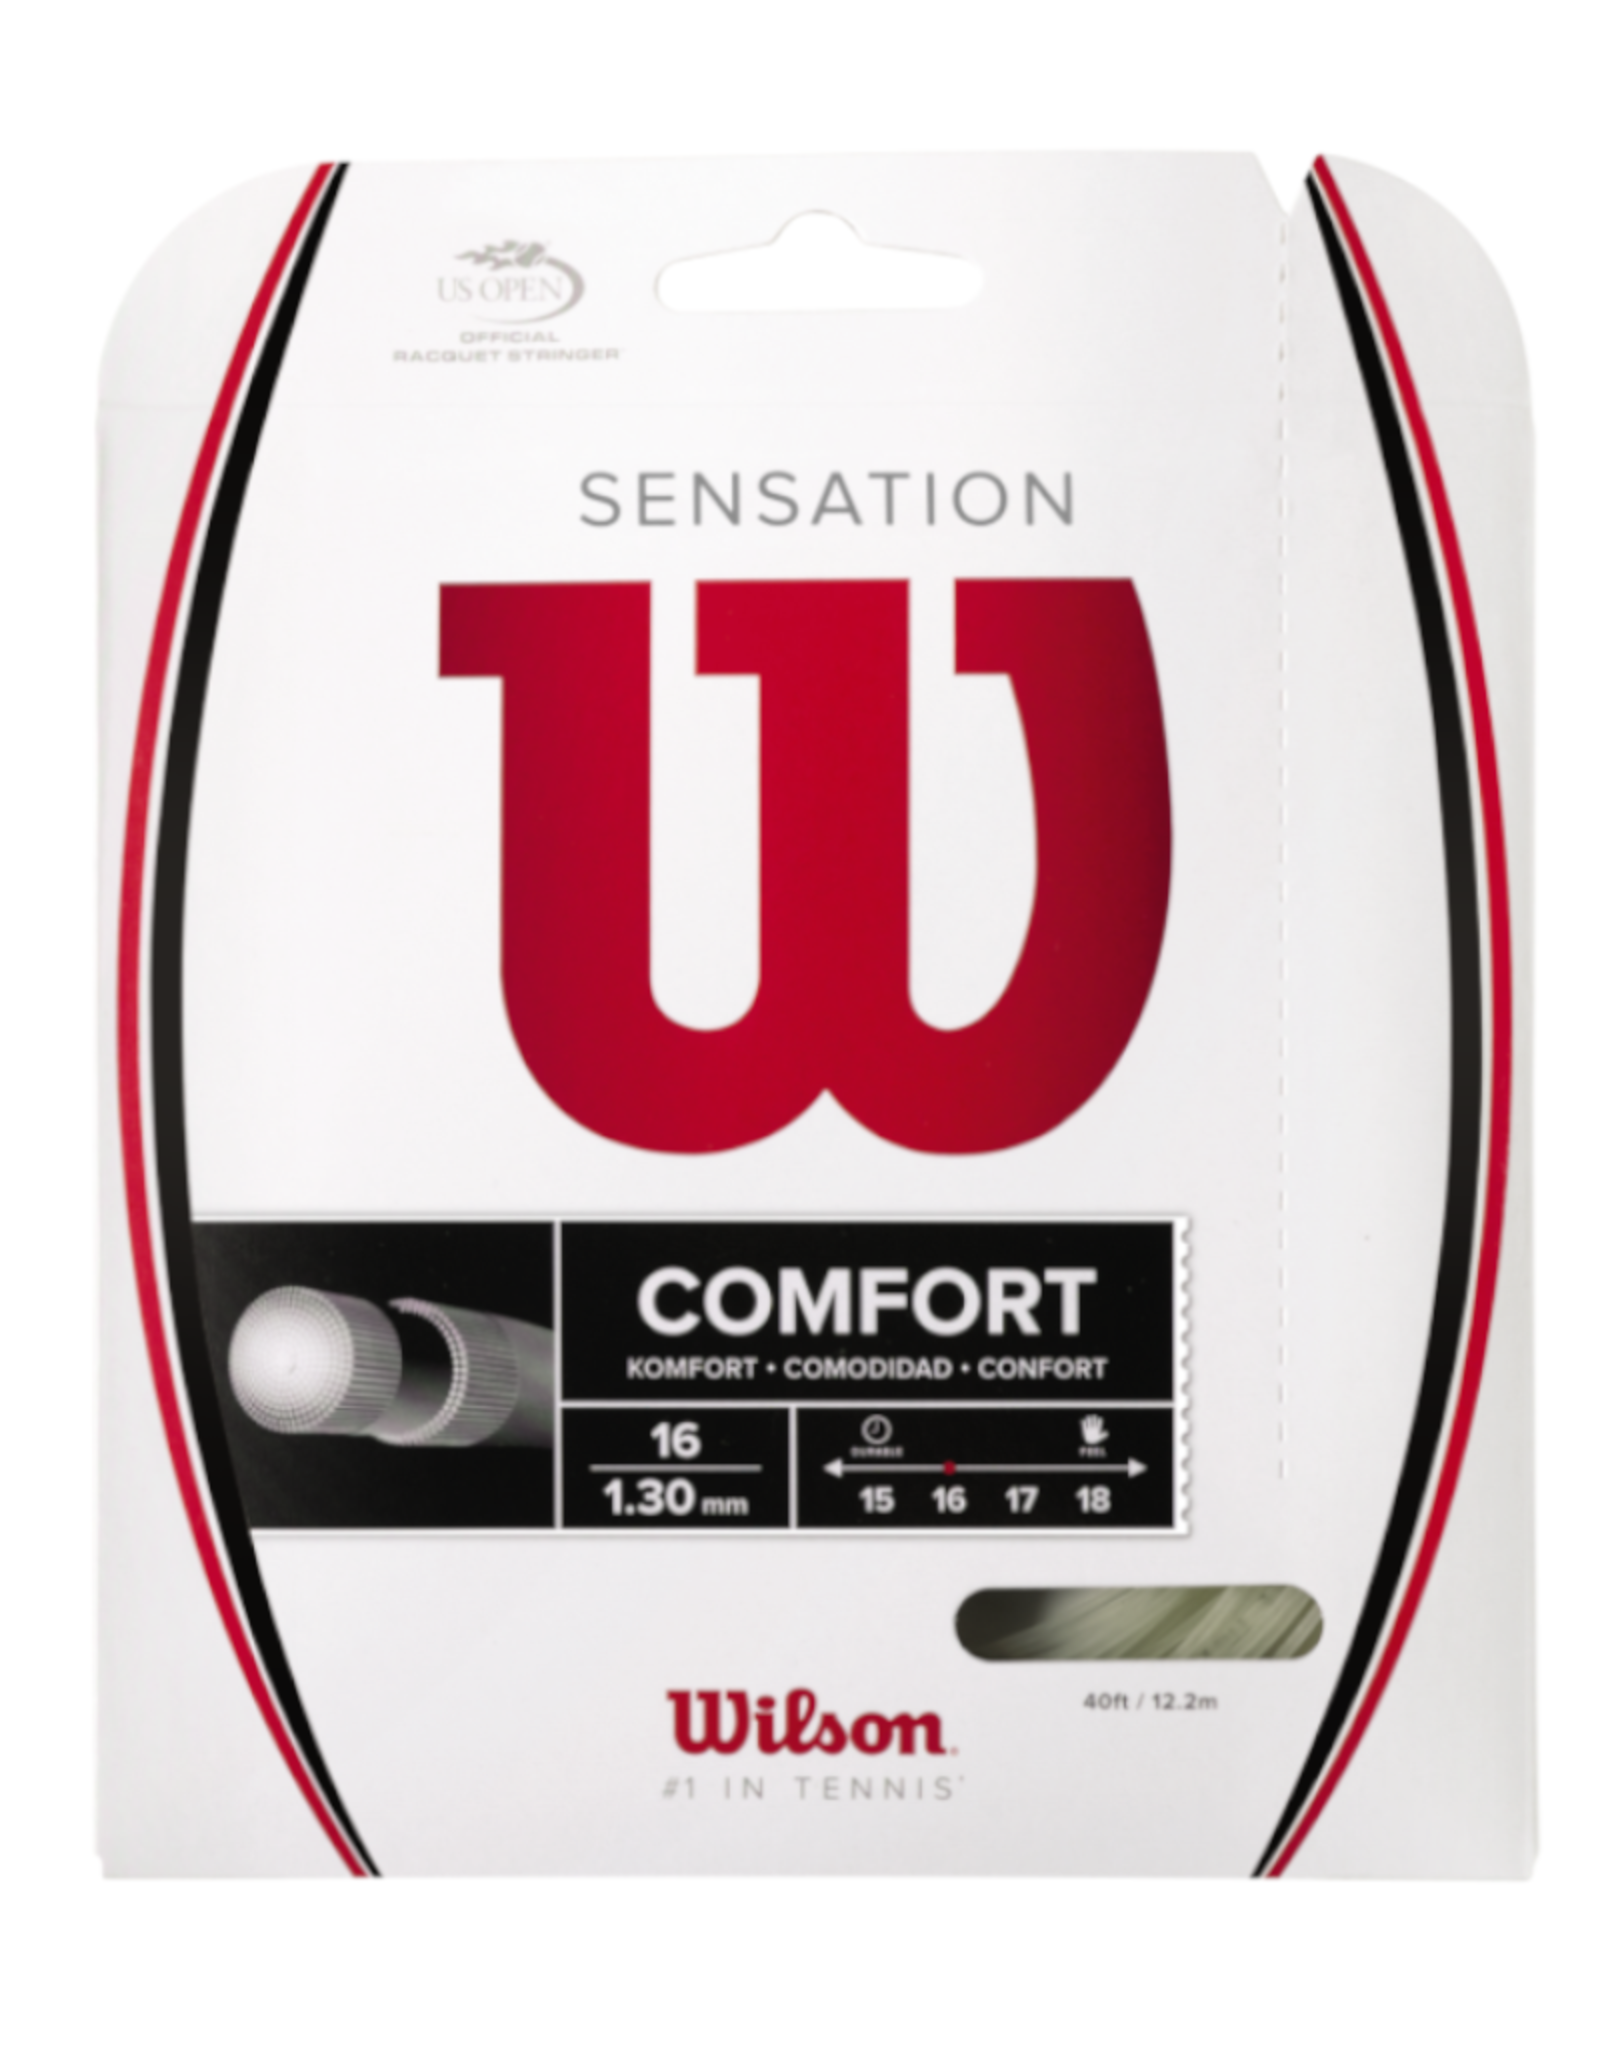 WILSON SENSATION 16 FULL SET